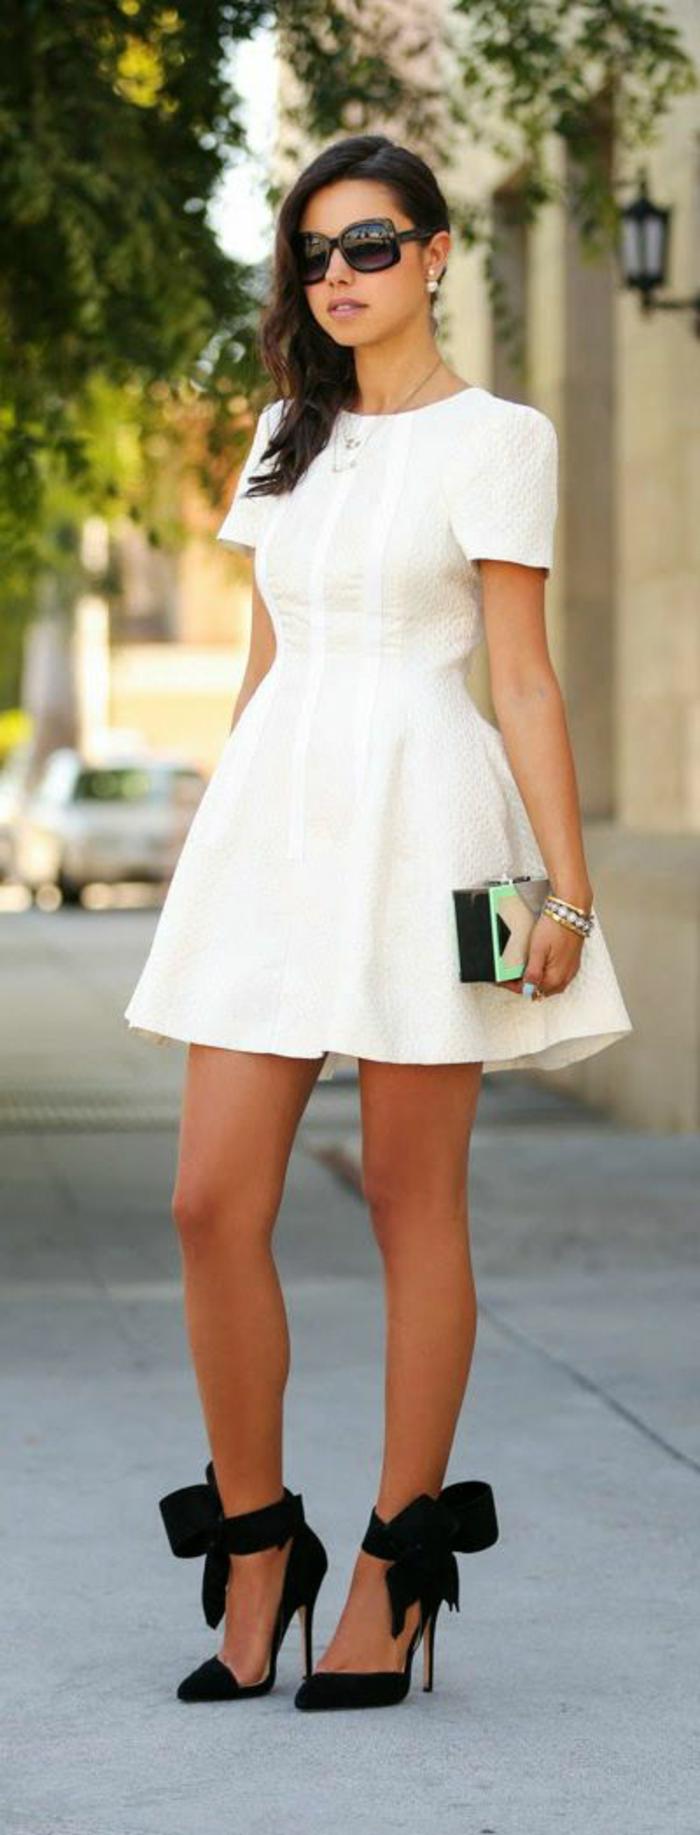 boucle-d-oreille-perle-blanche-dior-bijoux-beauté-robe-blanche-trapèze